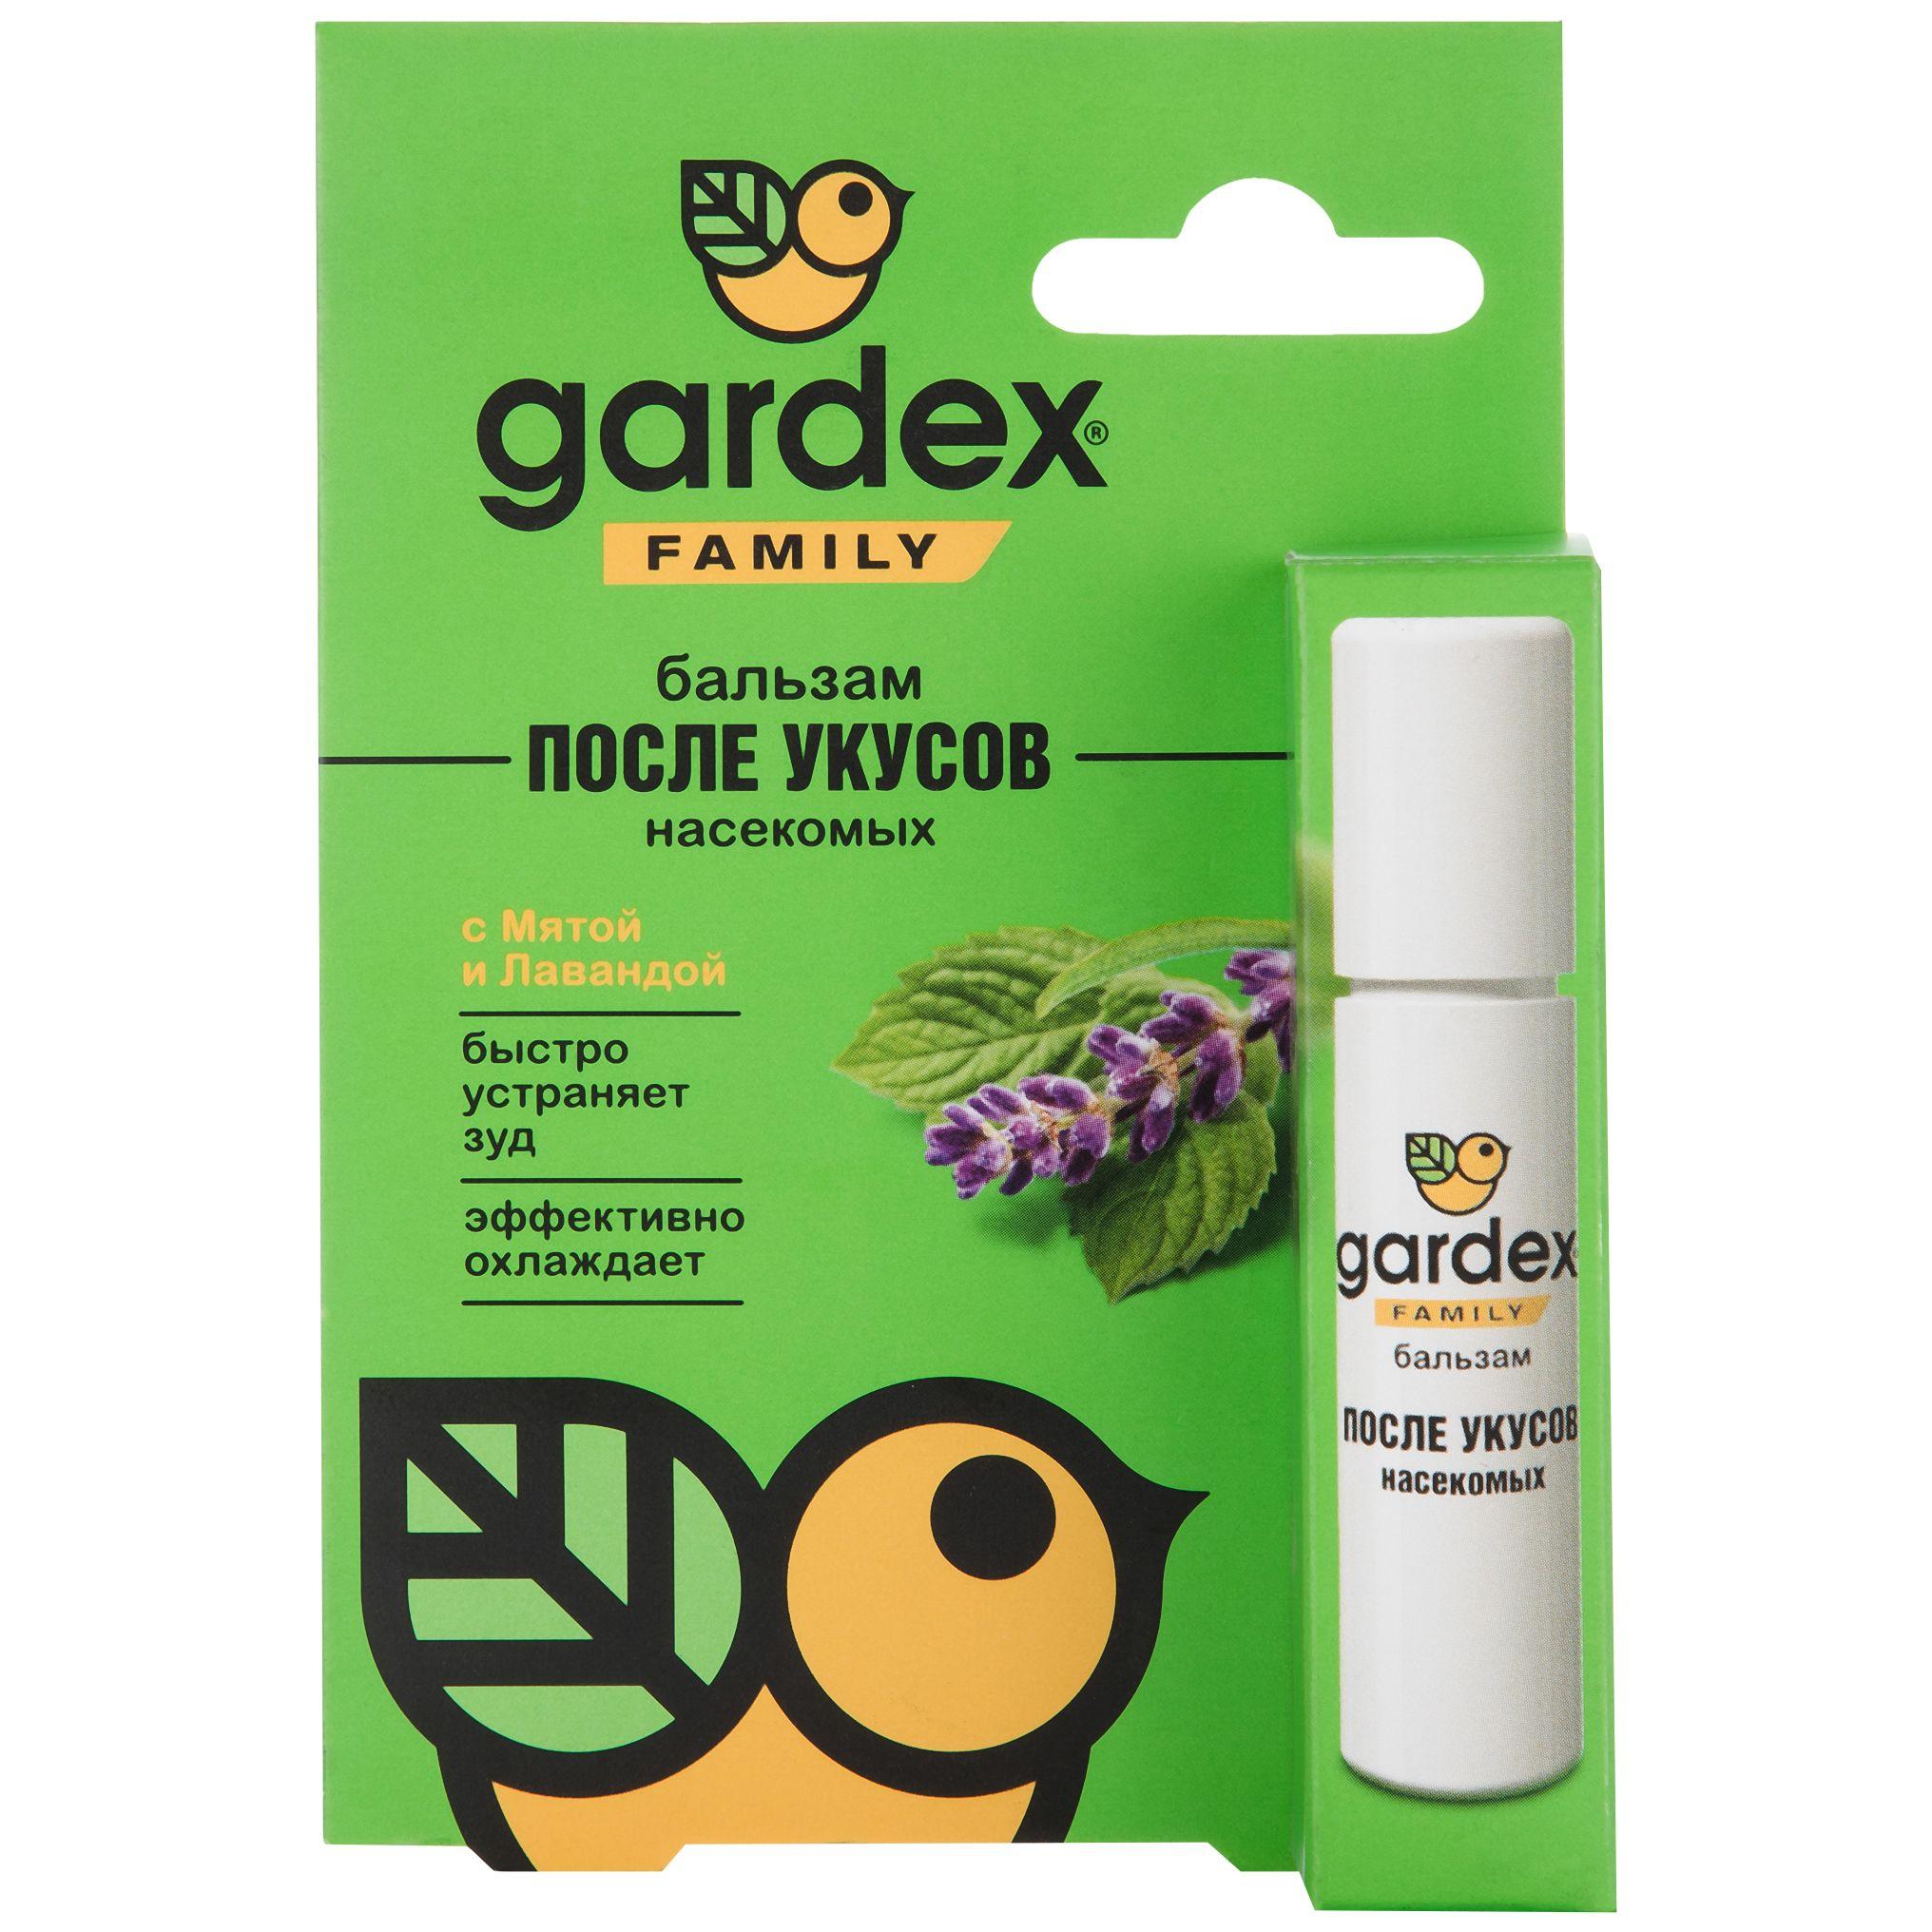 Gardex Бальзам роликовый Family после укусов Gardex недорого